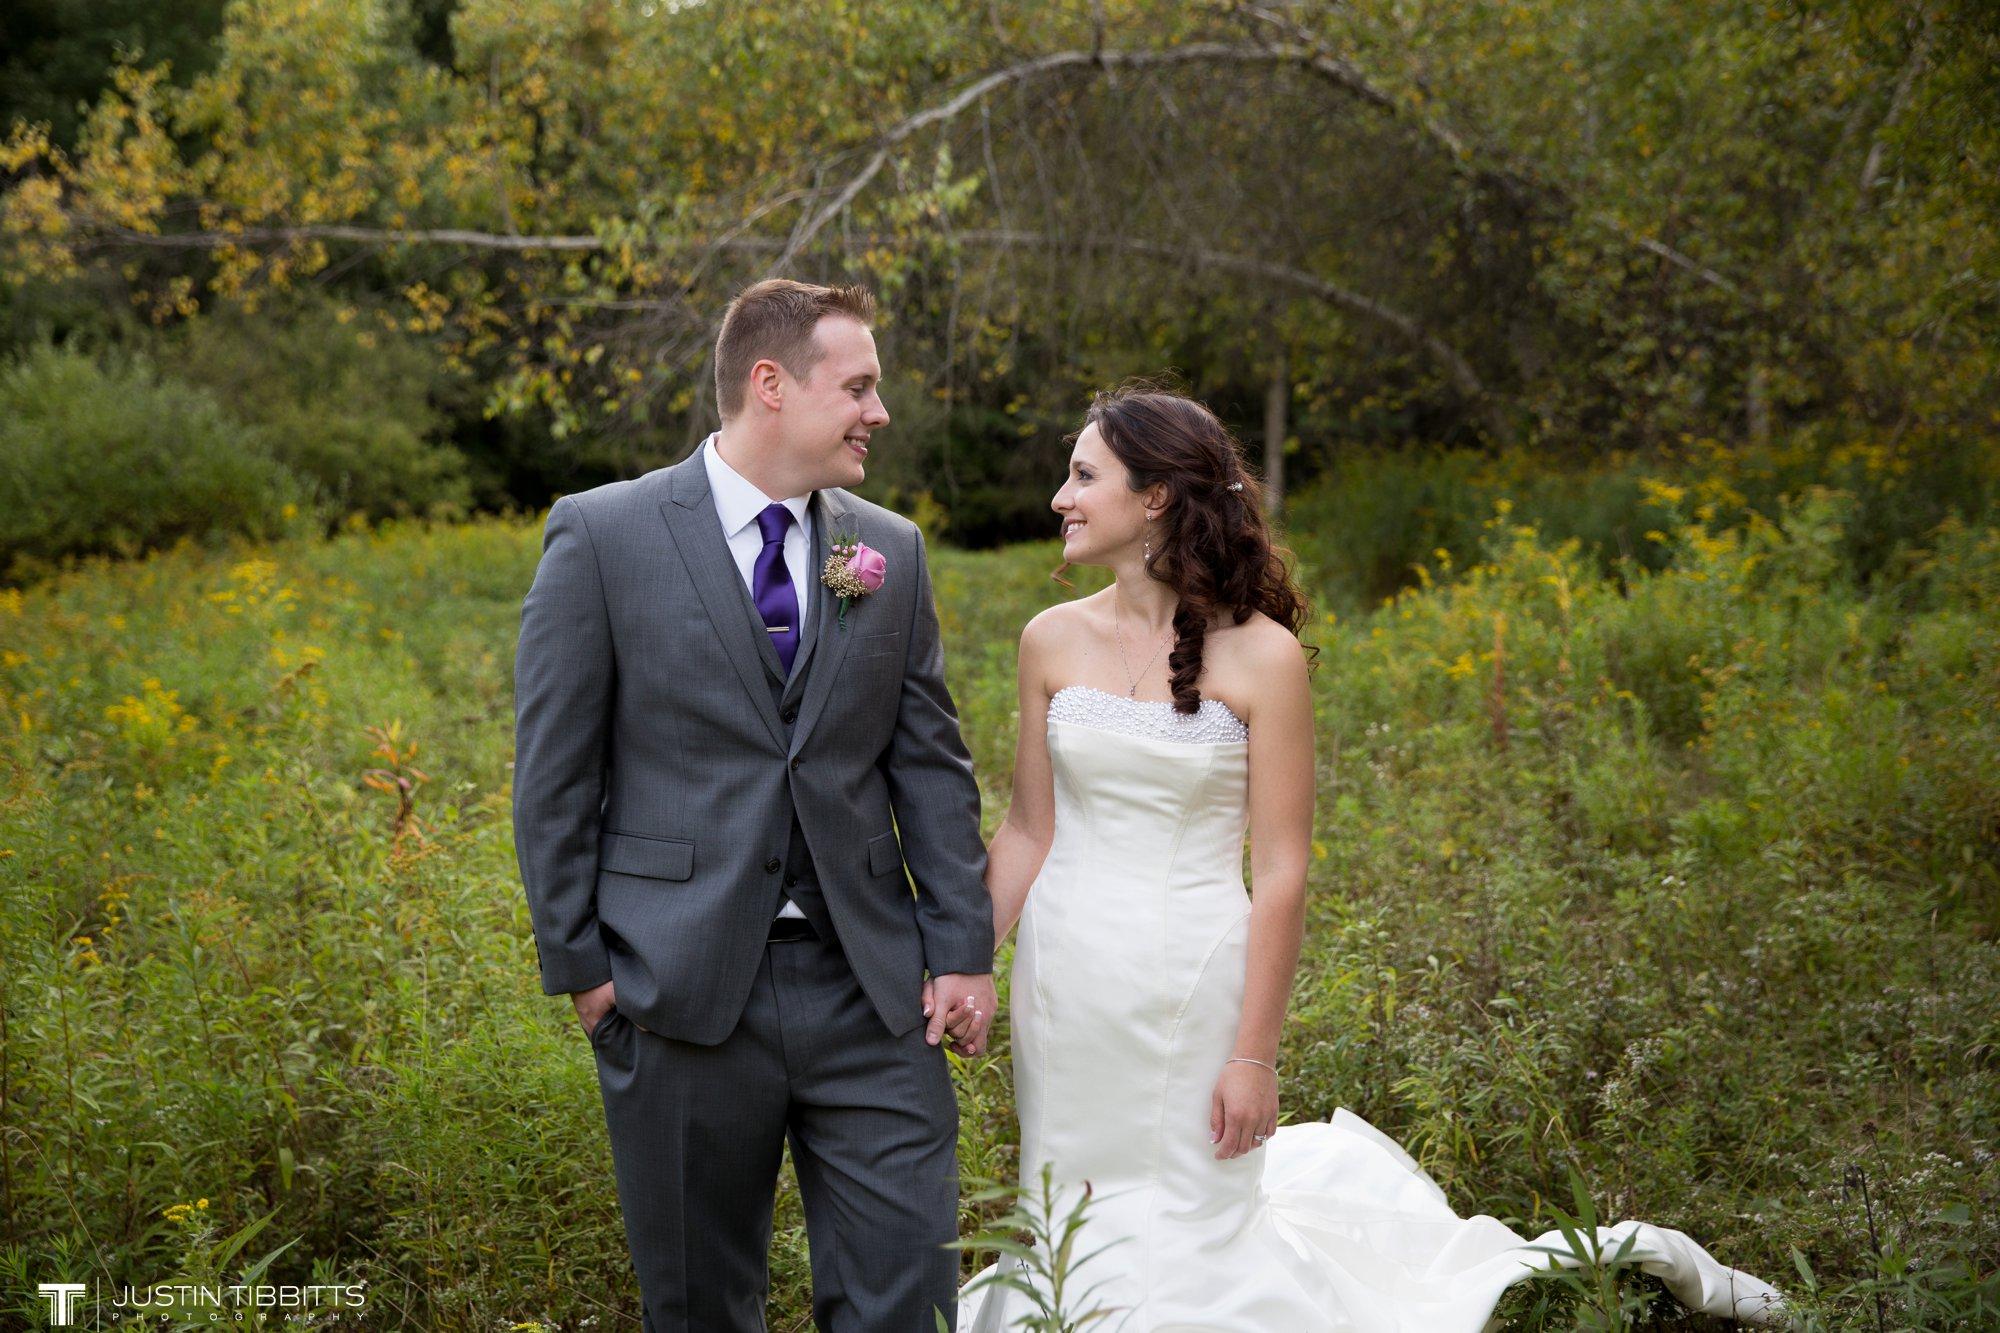 Justin Tibbitts Photography Rob and Brittany's Averill Park, NY Wedding_0412